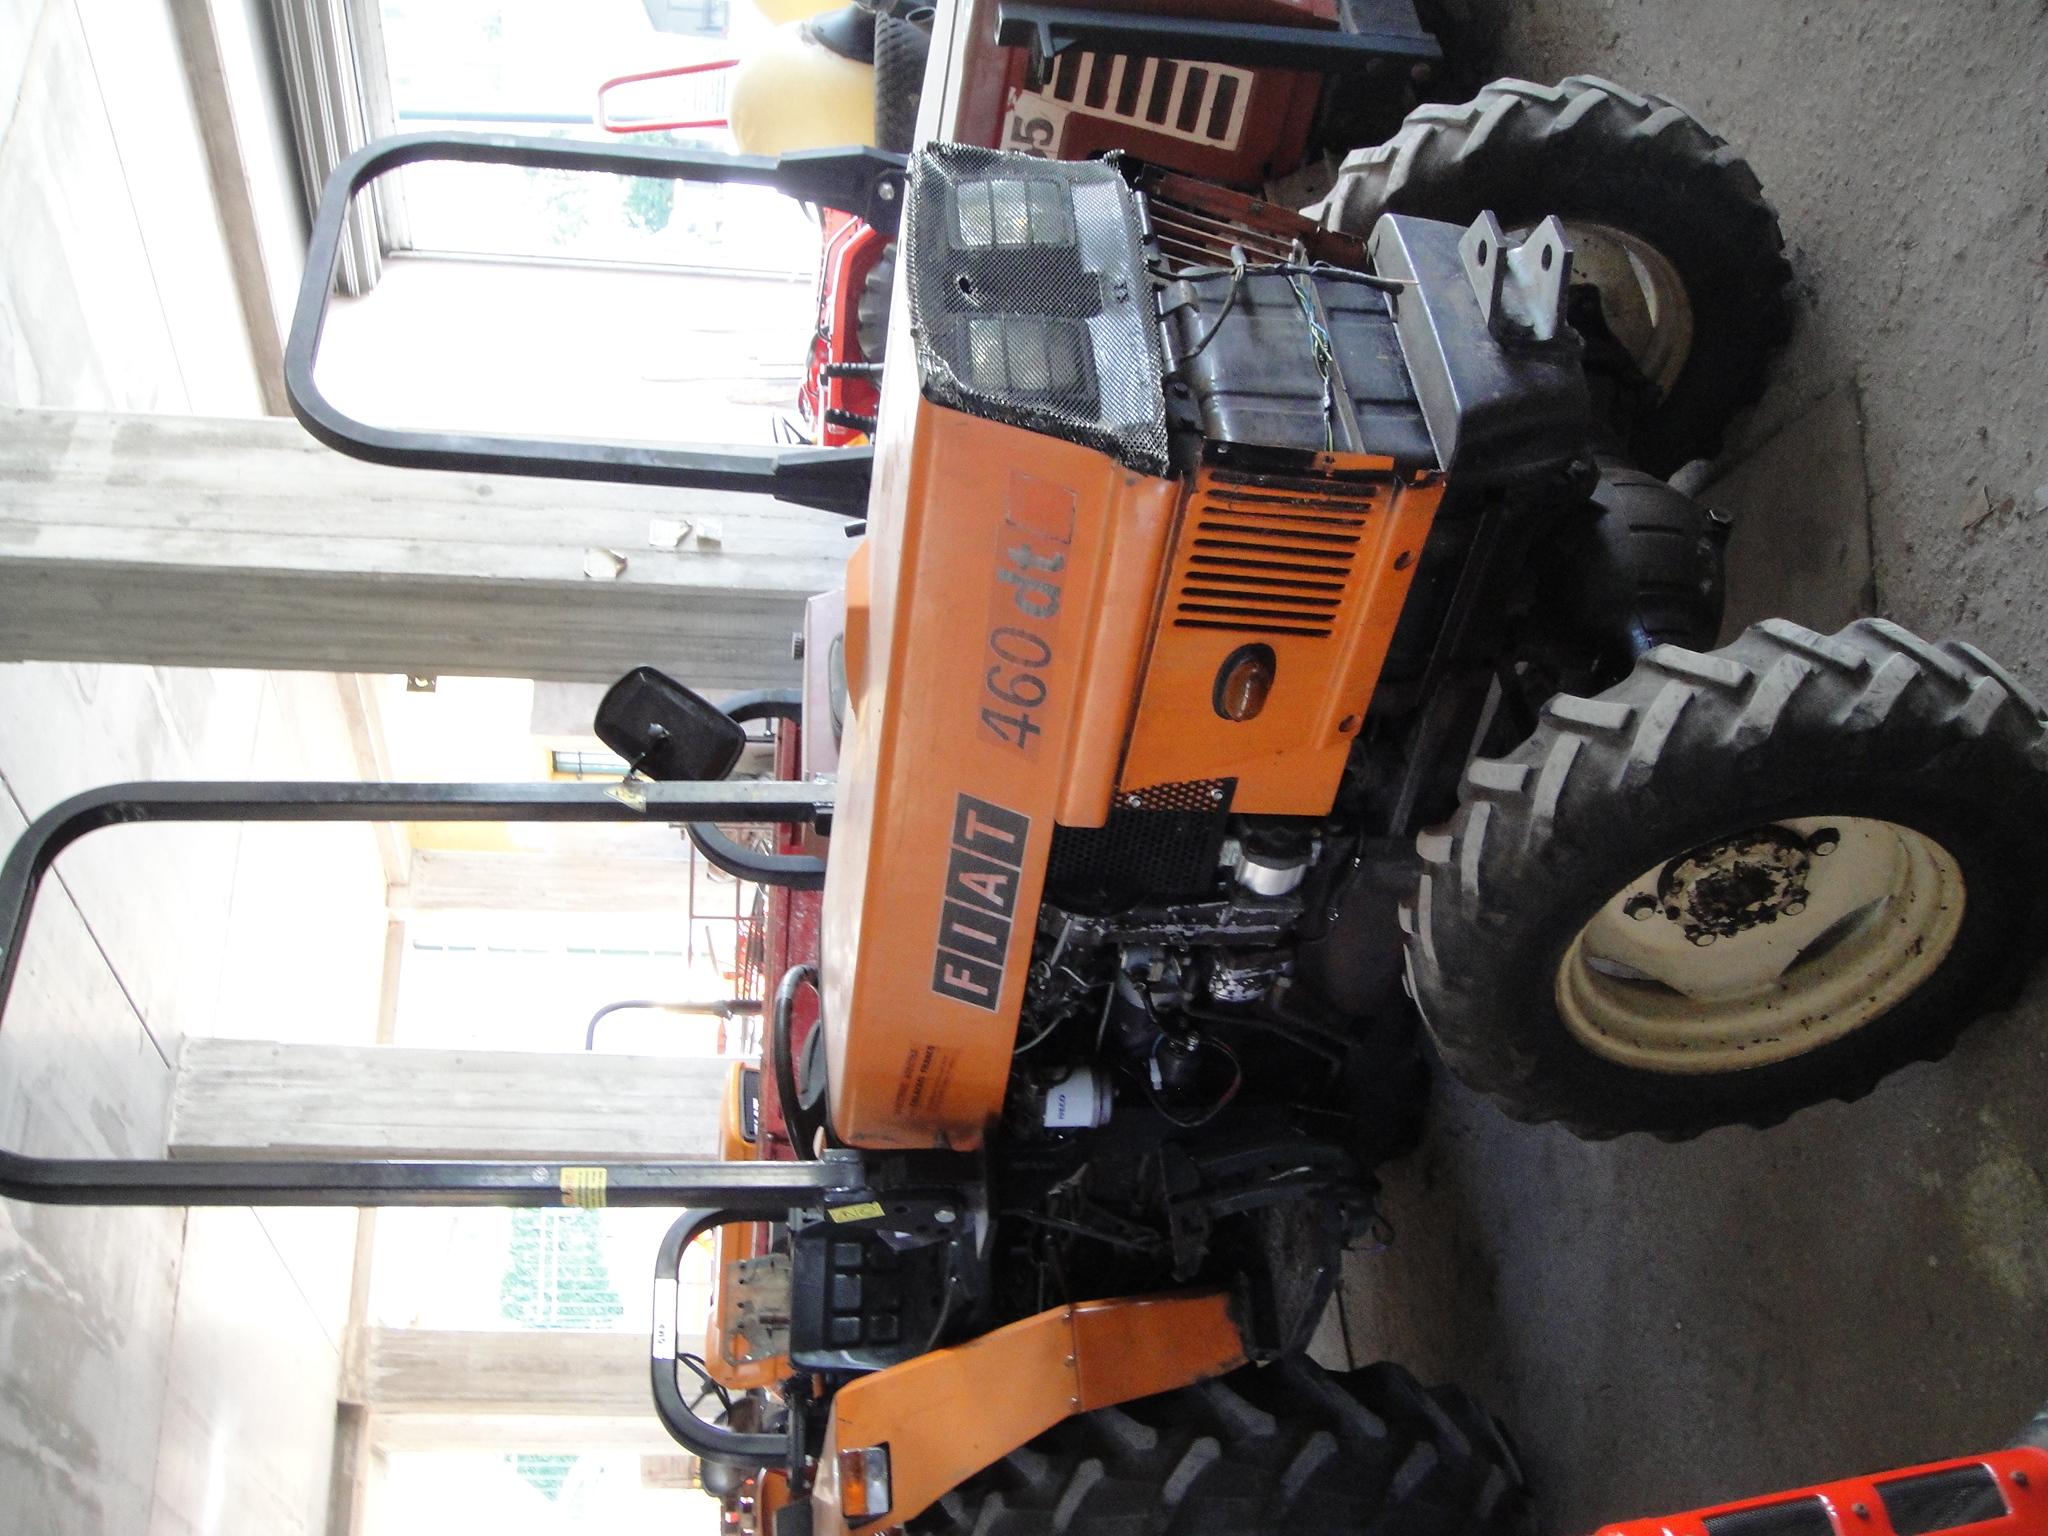 Macchine agricole di carlo tonani for Motocoltivatore usato lazio